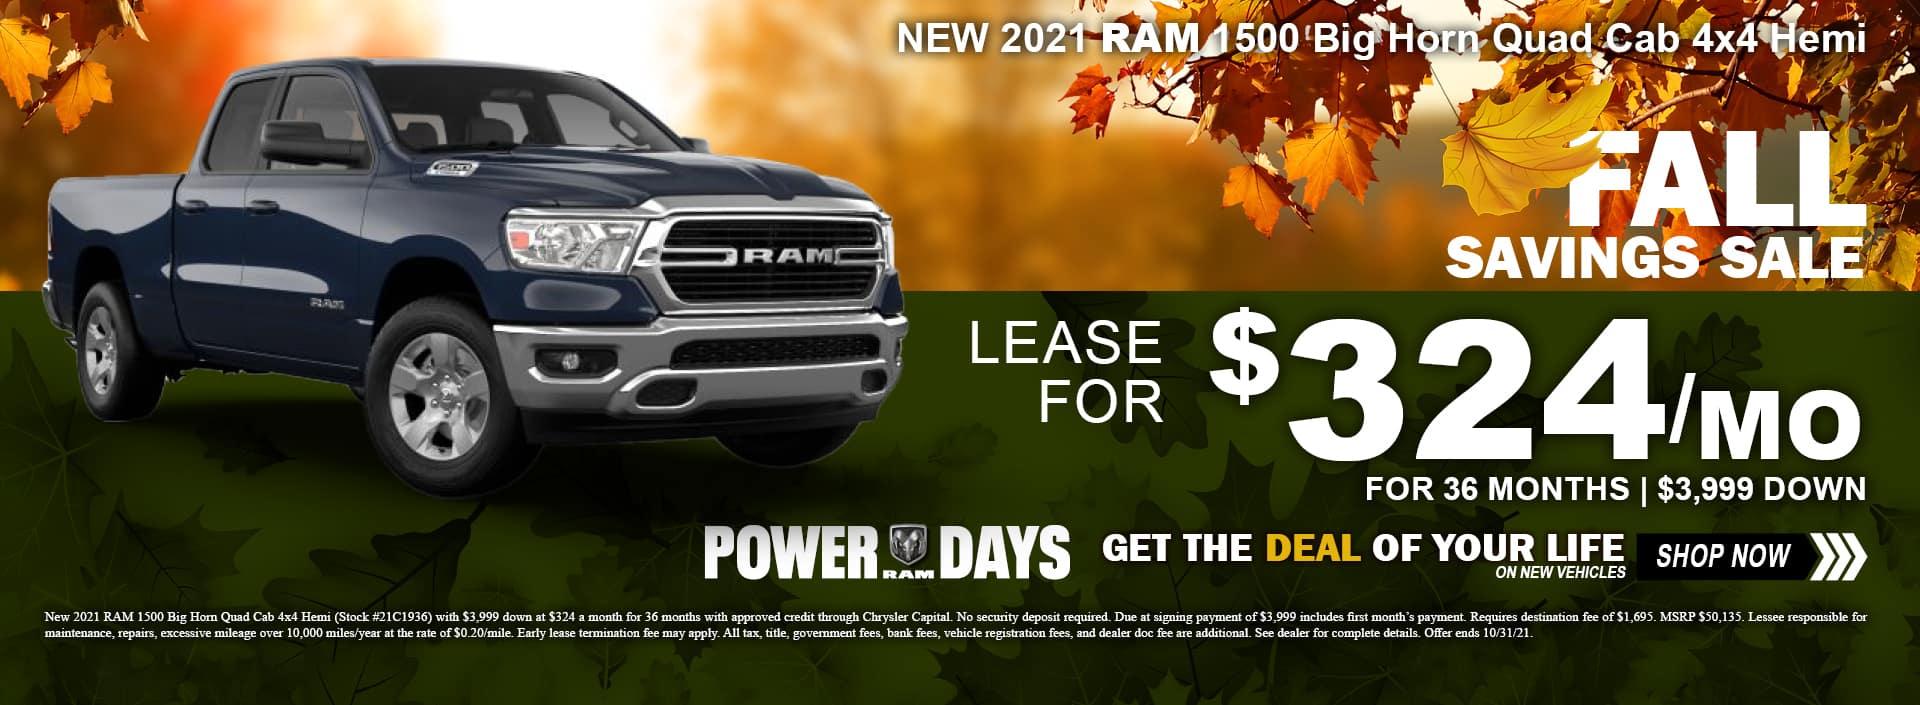 Ram 1500 Fall Savings